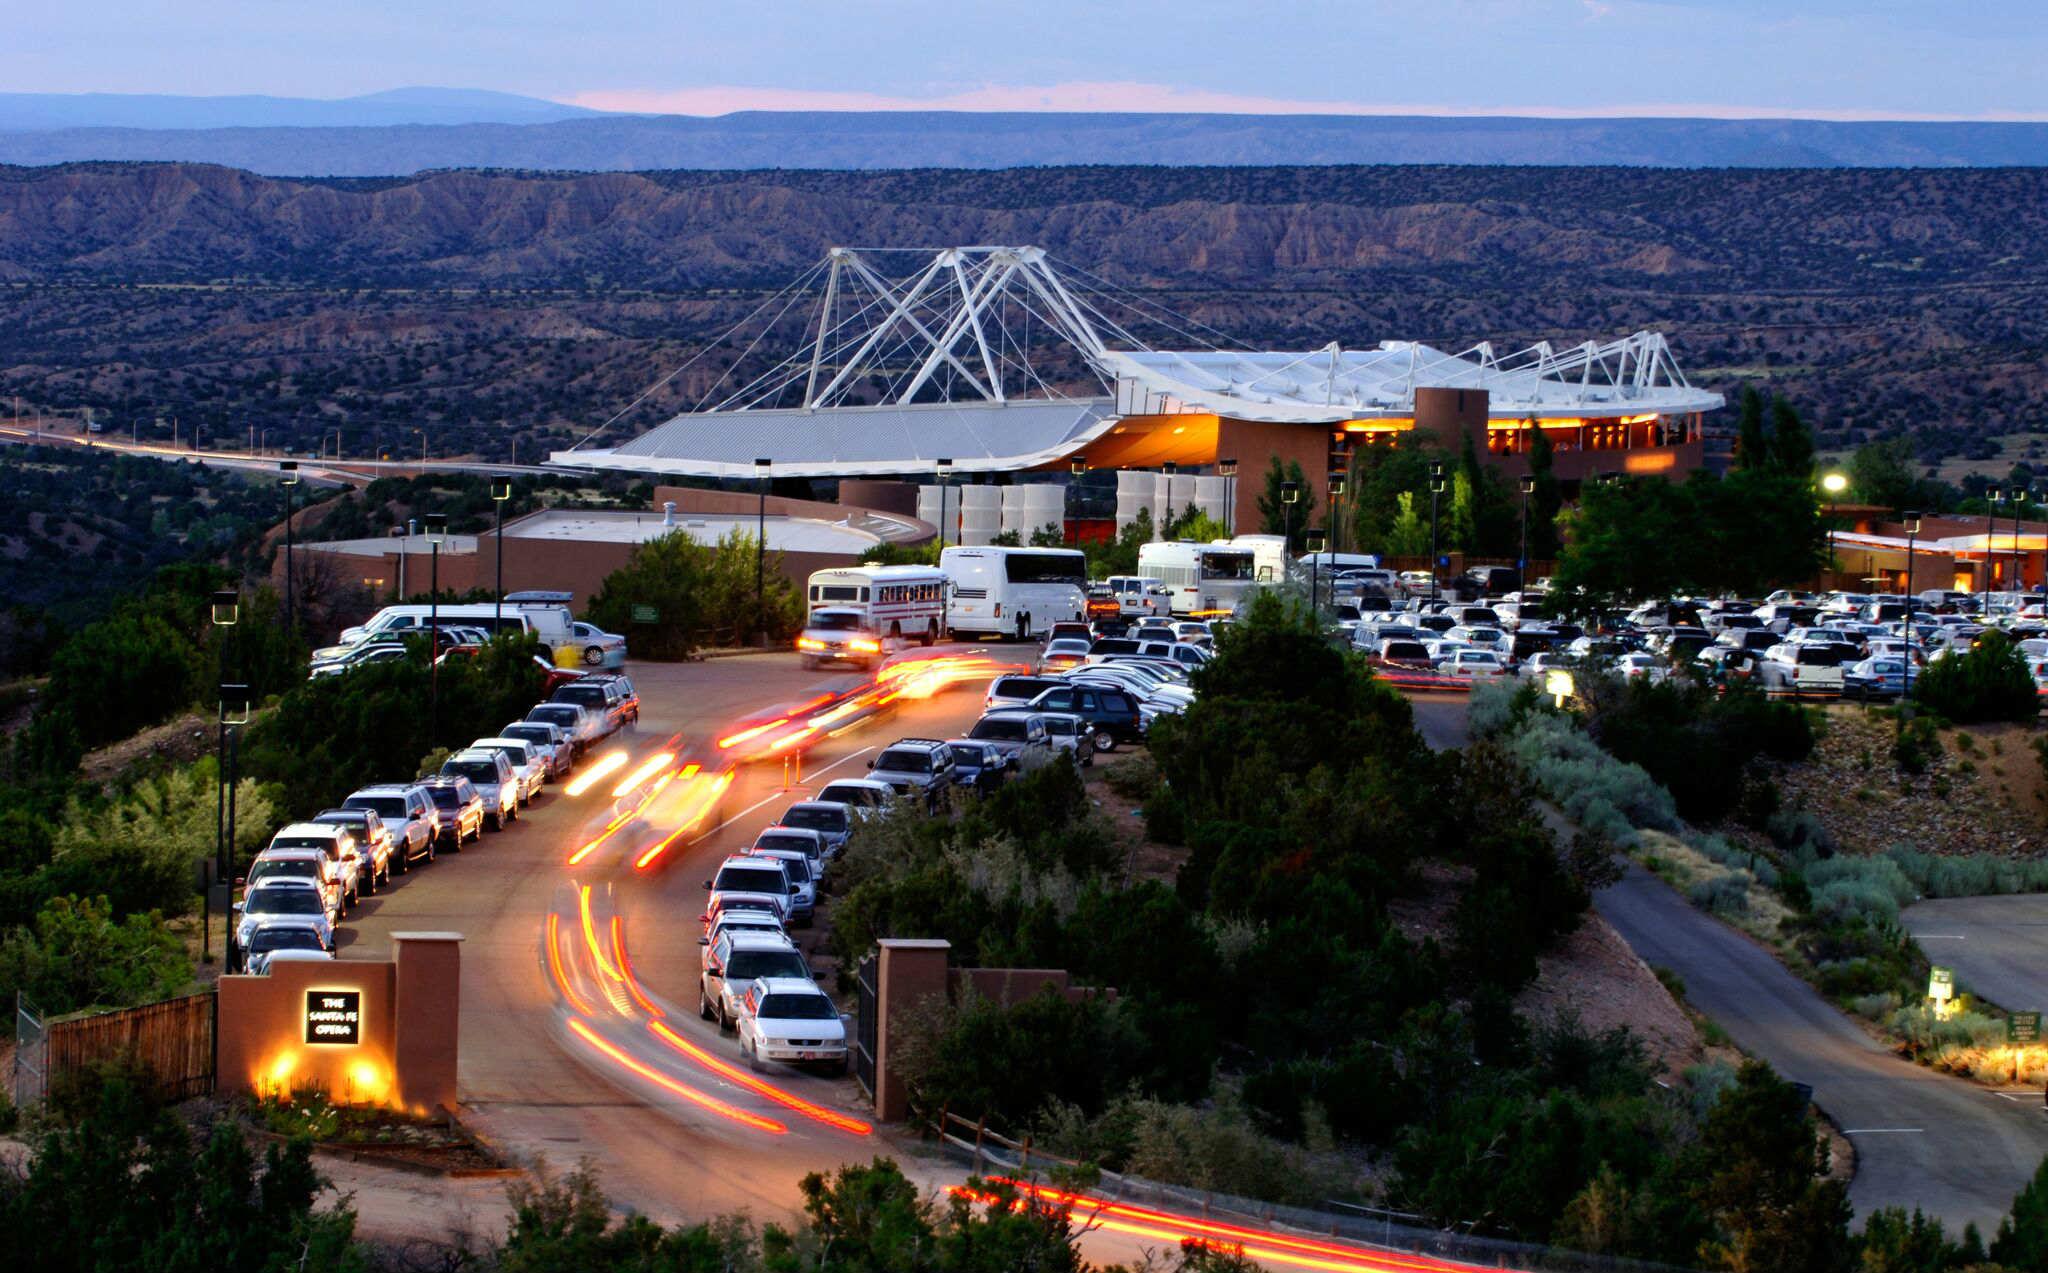 The Santa Fe Opera